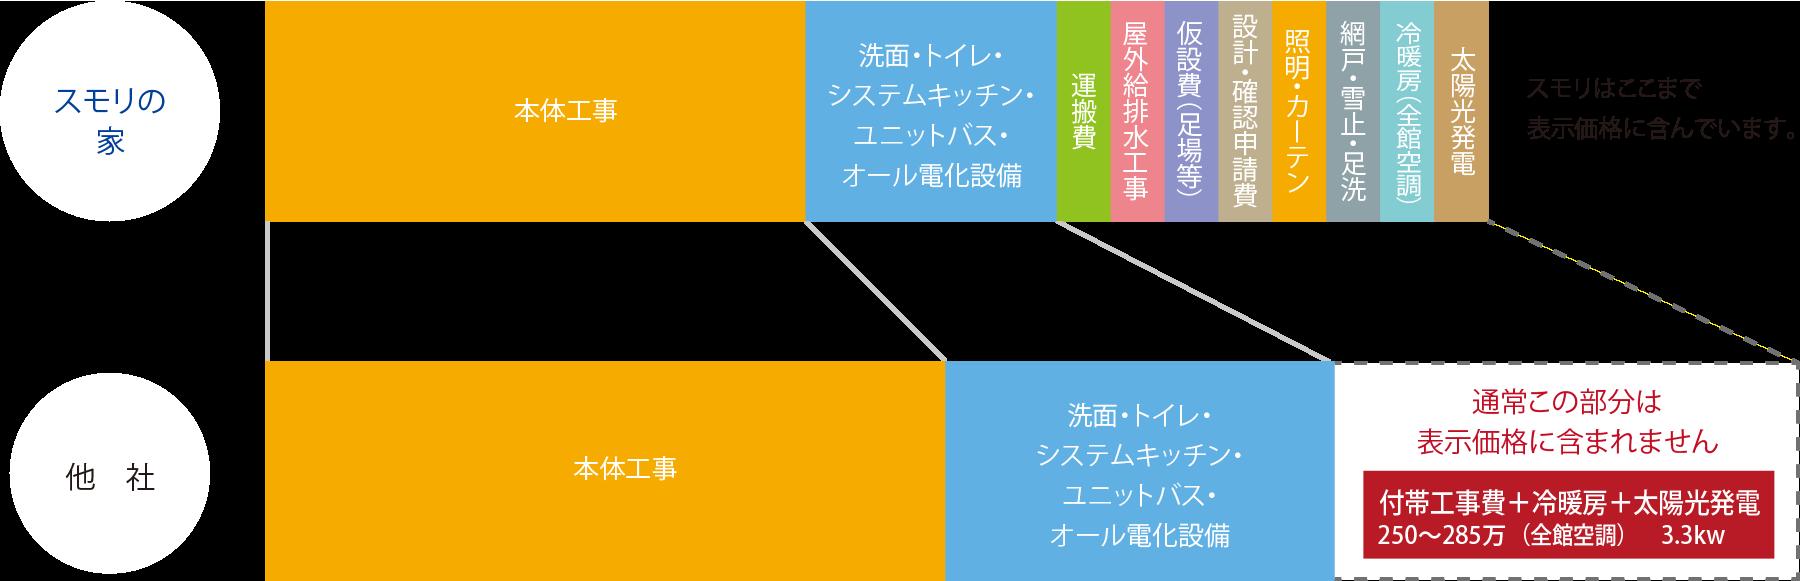 スモリの家 価格比較図